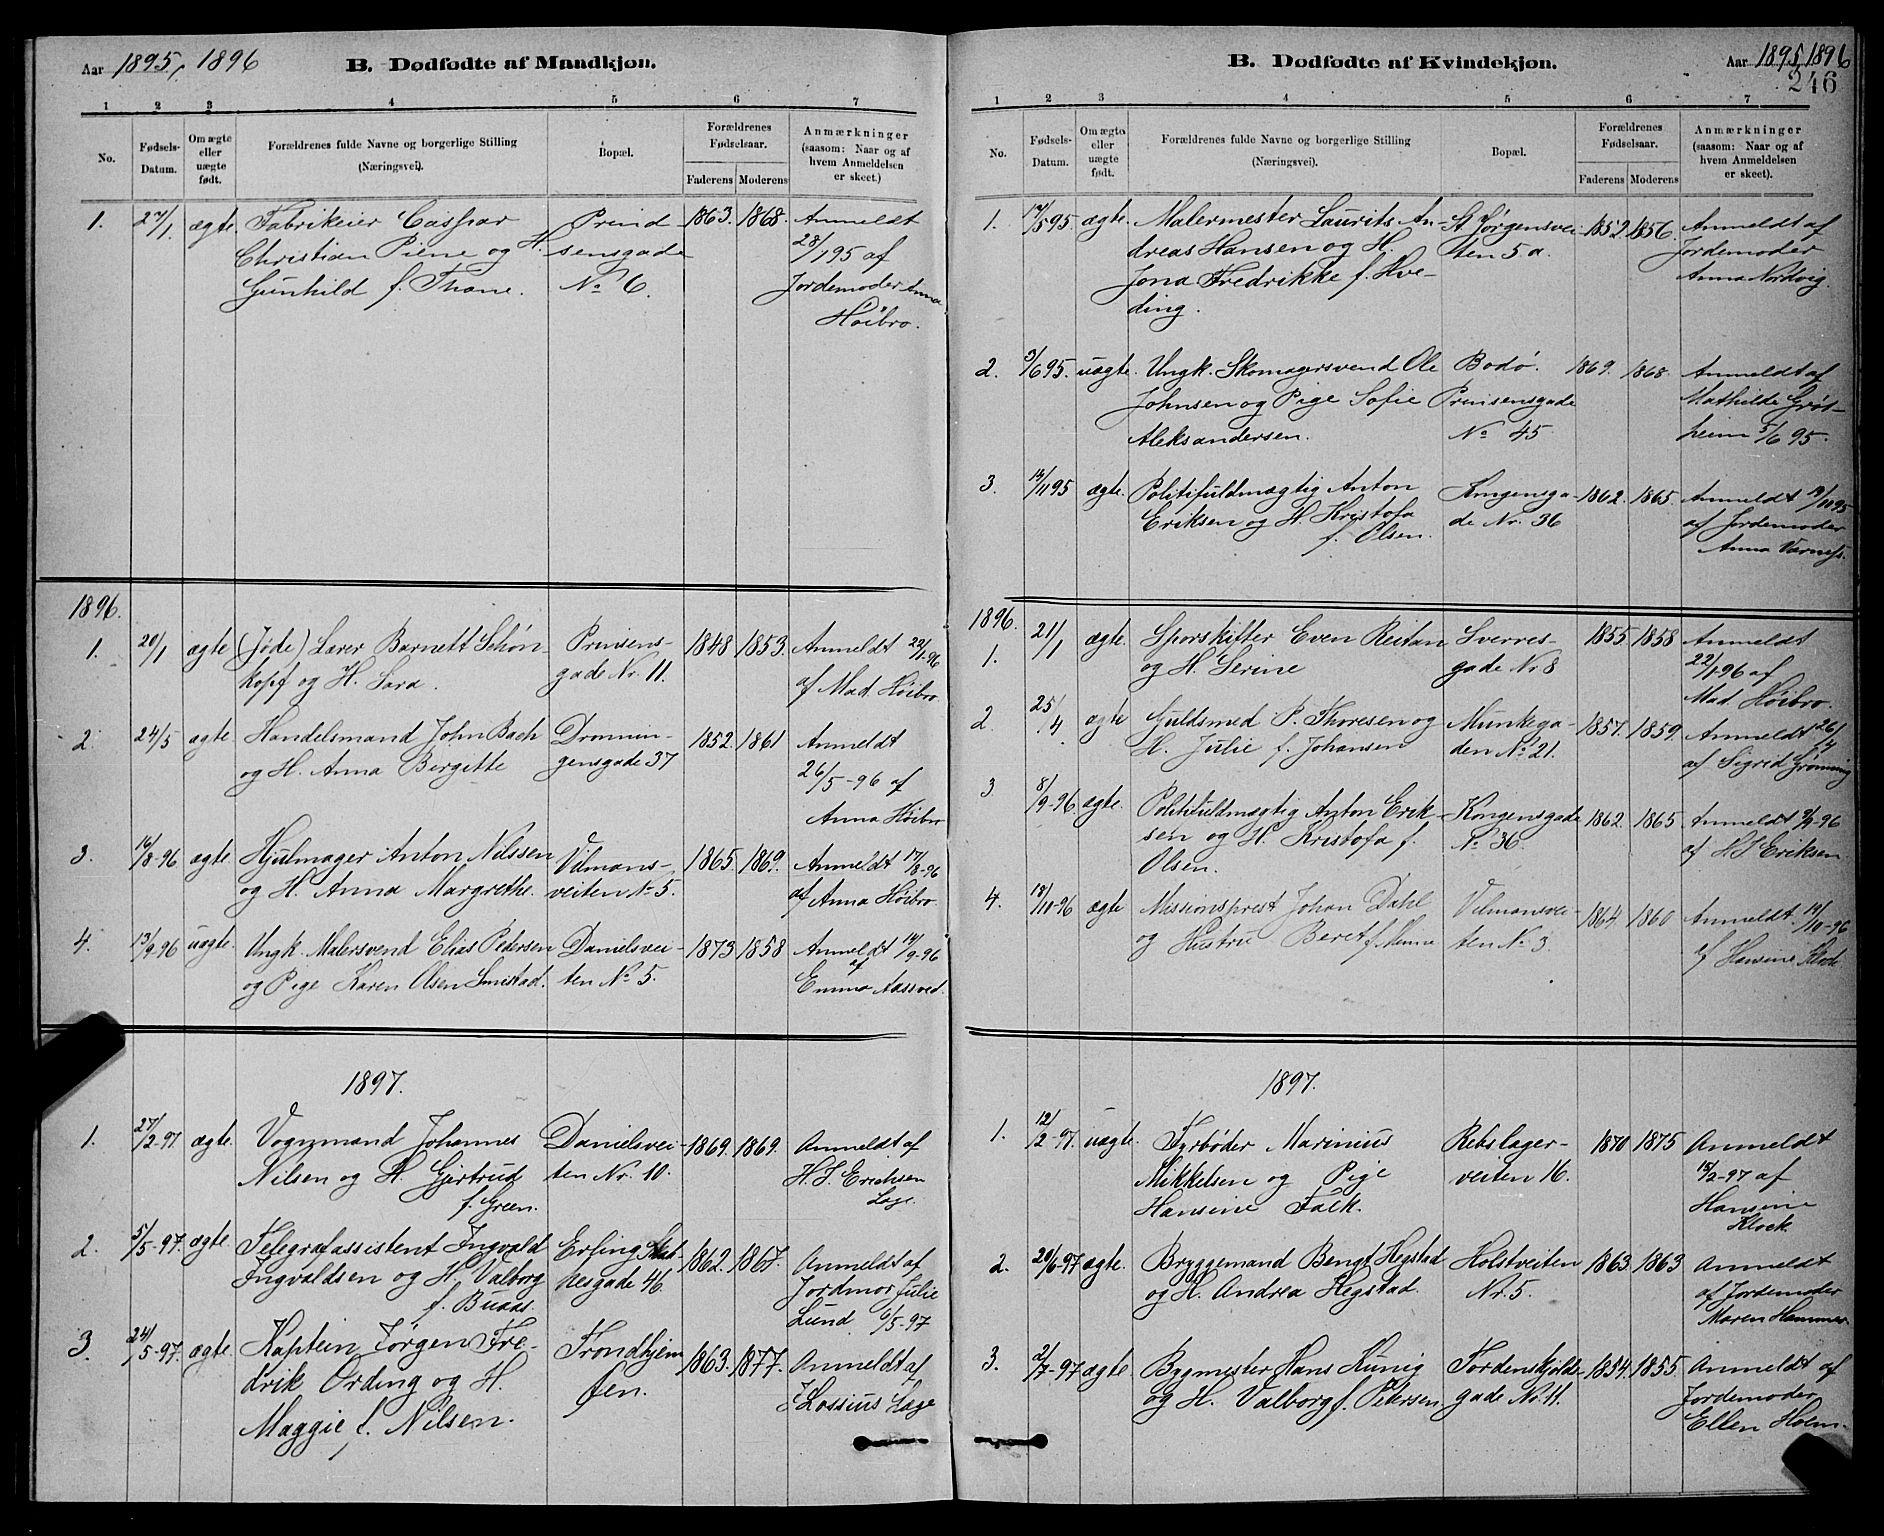 SAT, Ministerialprotokoller, klokkerbøker og fødselsregistre - Sør-Trøndelag, 601/L0092: Klokkerbok nr. 601C10, 1884-1897, s. 246